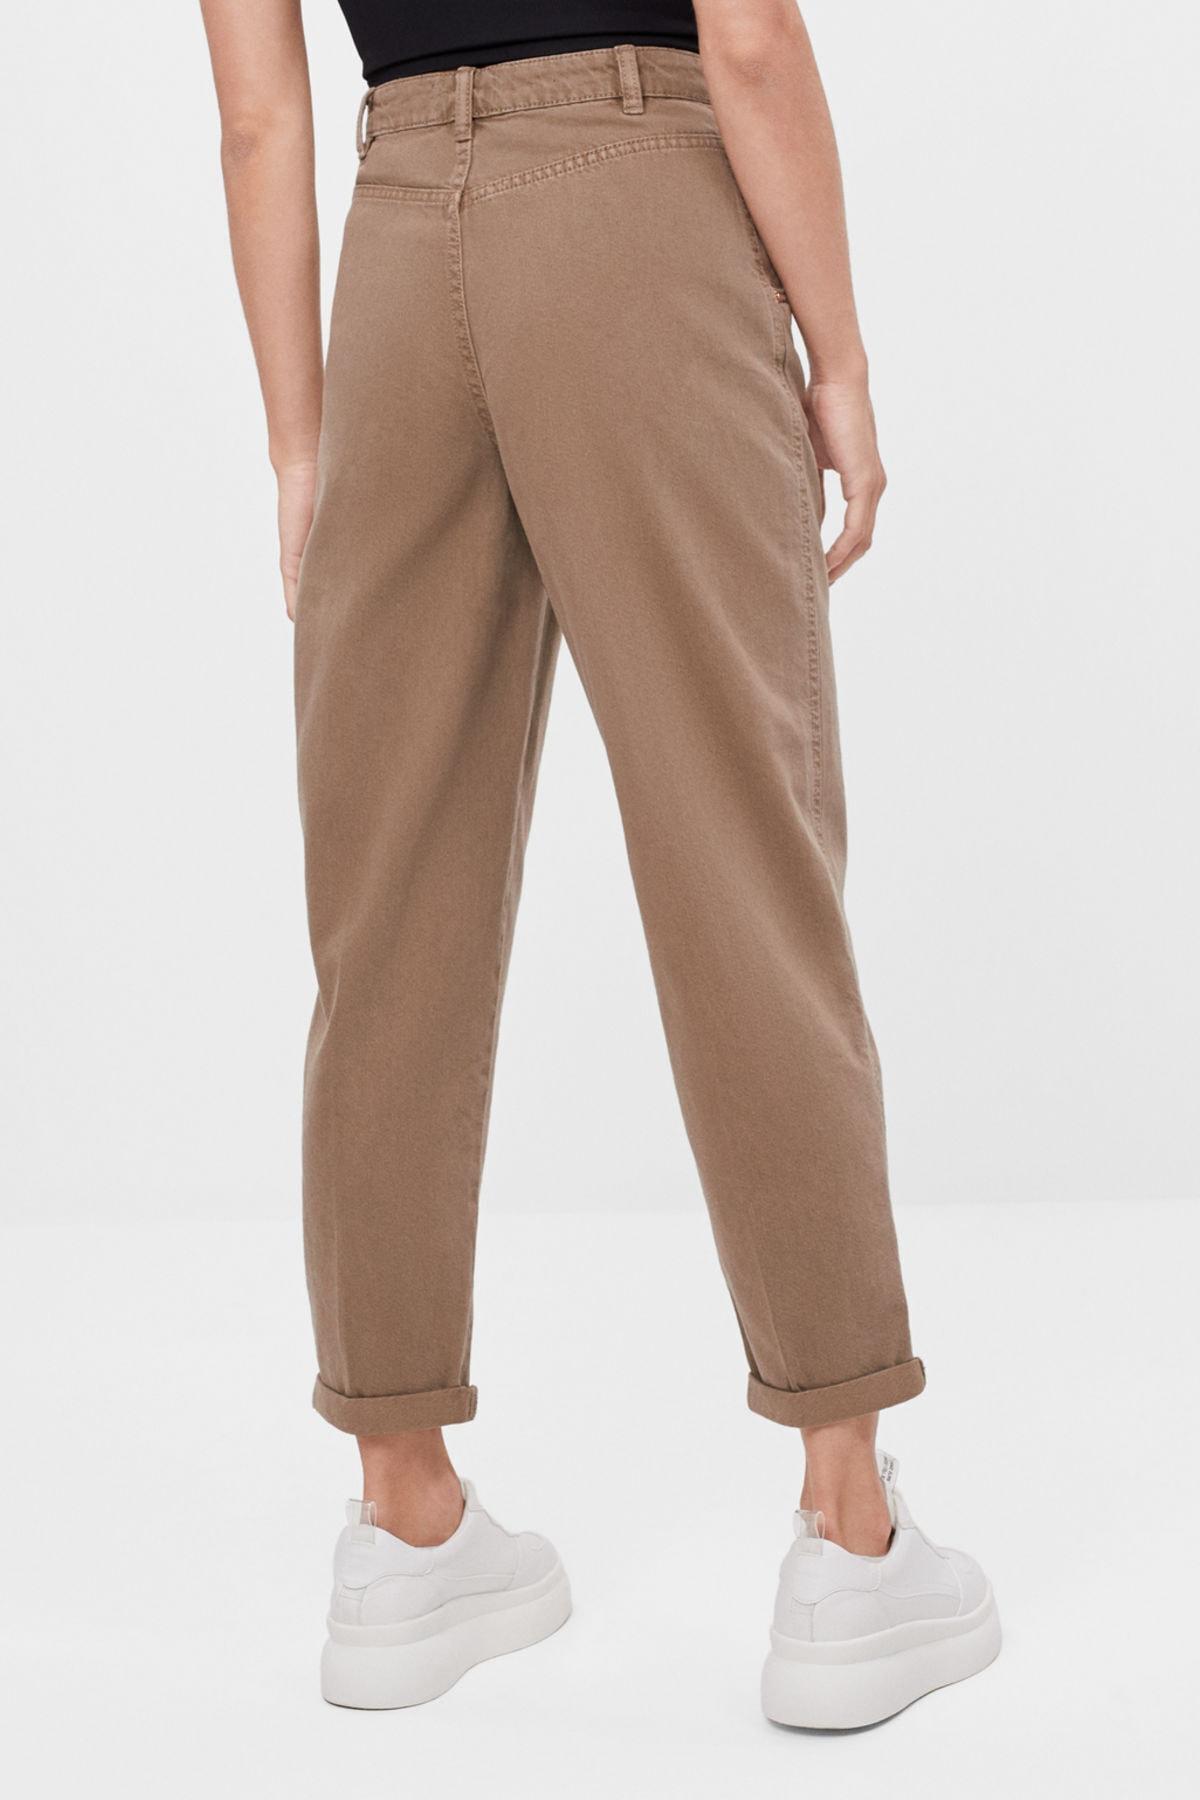 Bershka Kadın Kum Rengi Kıvrık Paçalı Slouchy Pantolon 2